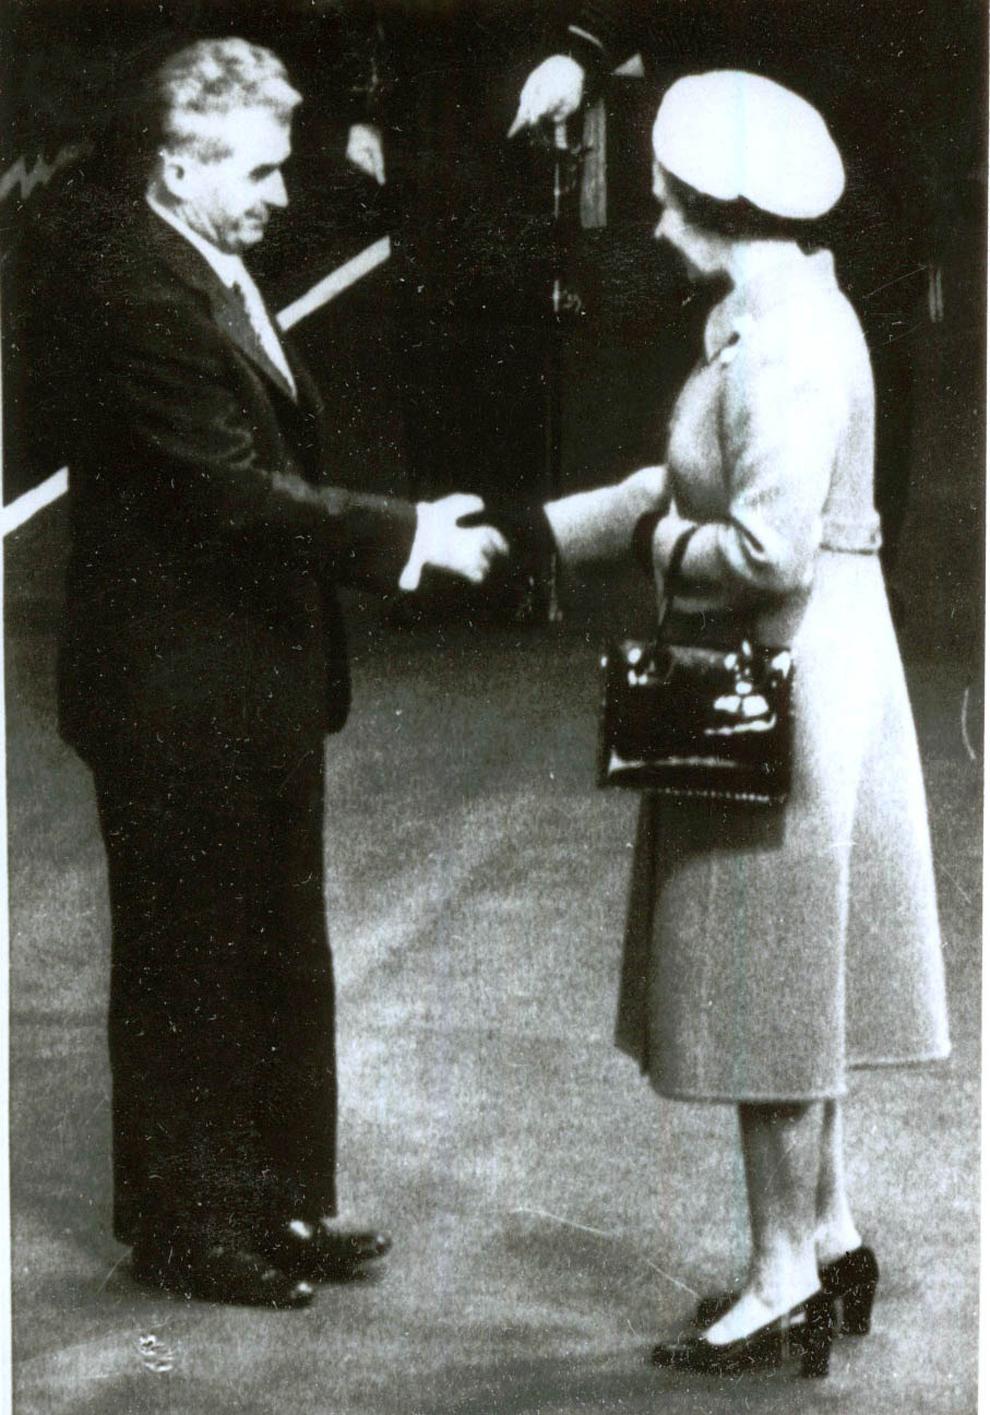 La invitaţia Majestăţii Sale regina Elisabeta a II-a şi a ducelui de Edinburgh, preşedintele Nicolae Ceauşescu împreună cu Elena Ceauşescu au făcut, între 13-16.VI.1978, o vizită de stat în Anglia. În imagine, preşedintele Nicolae Ceauşescu şi regina Elisabeta a II-a.(13-16.VI.1978).